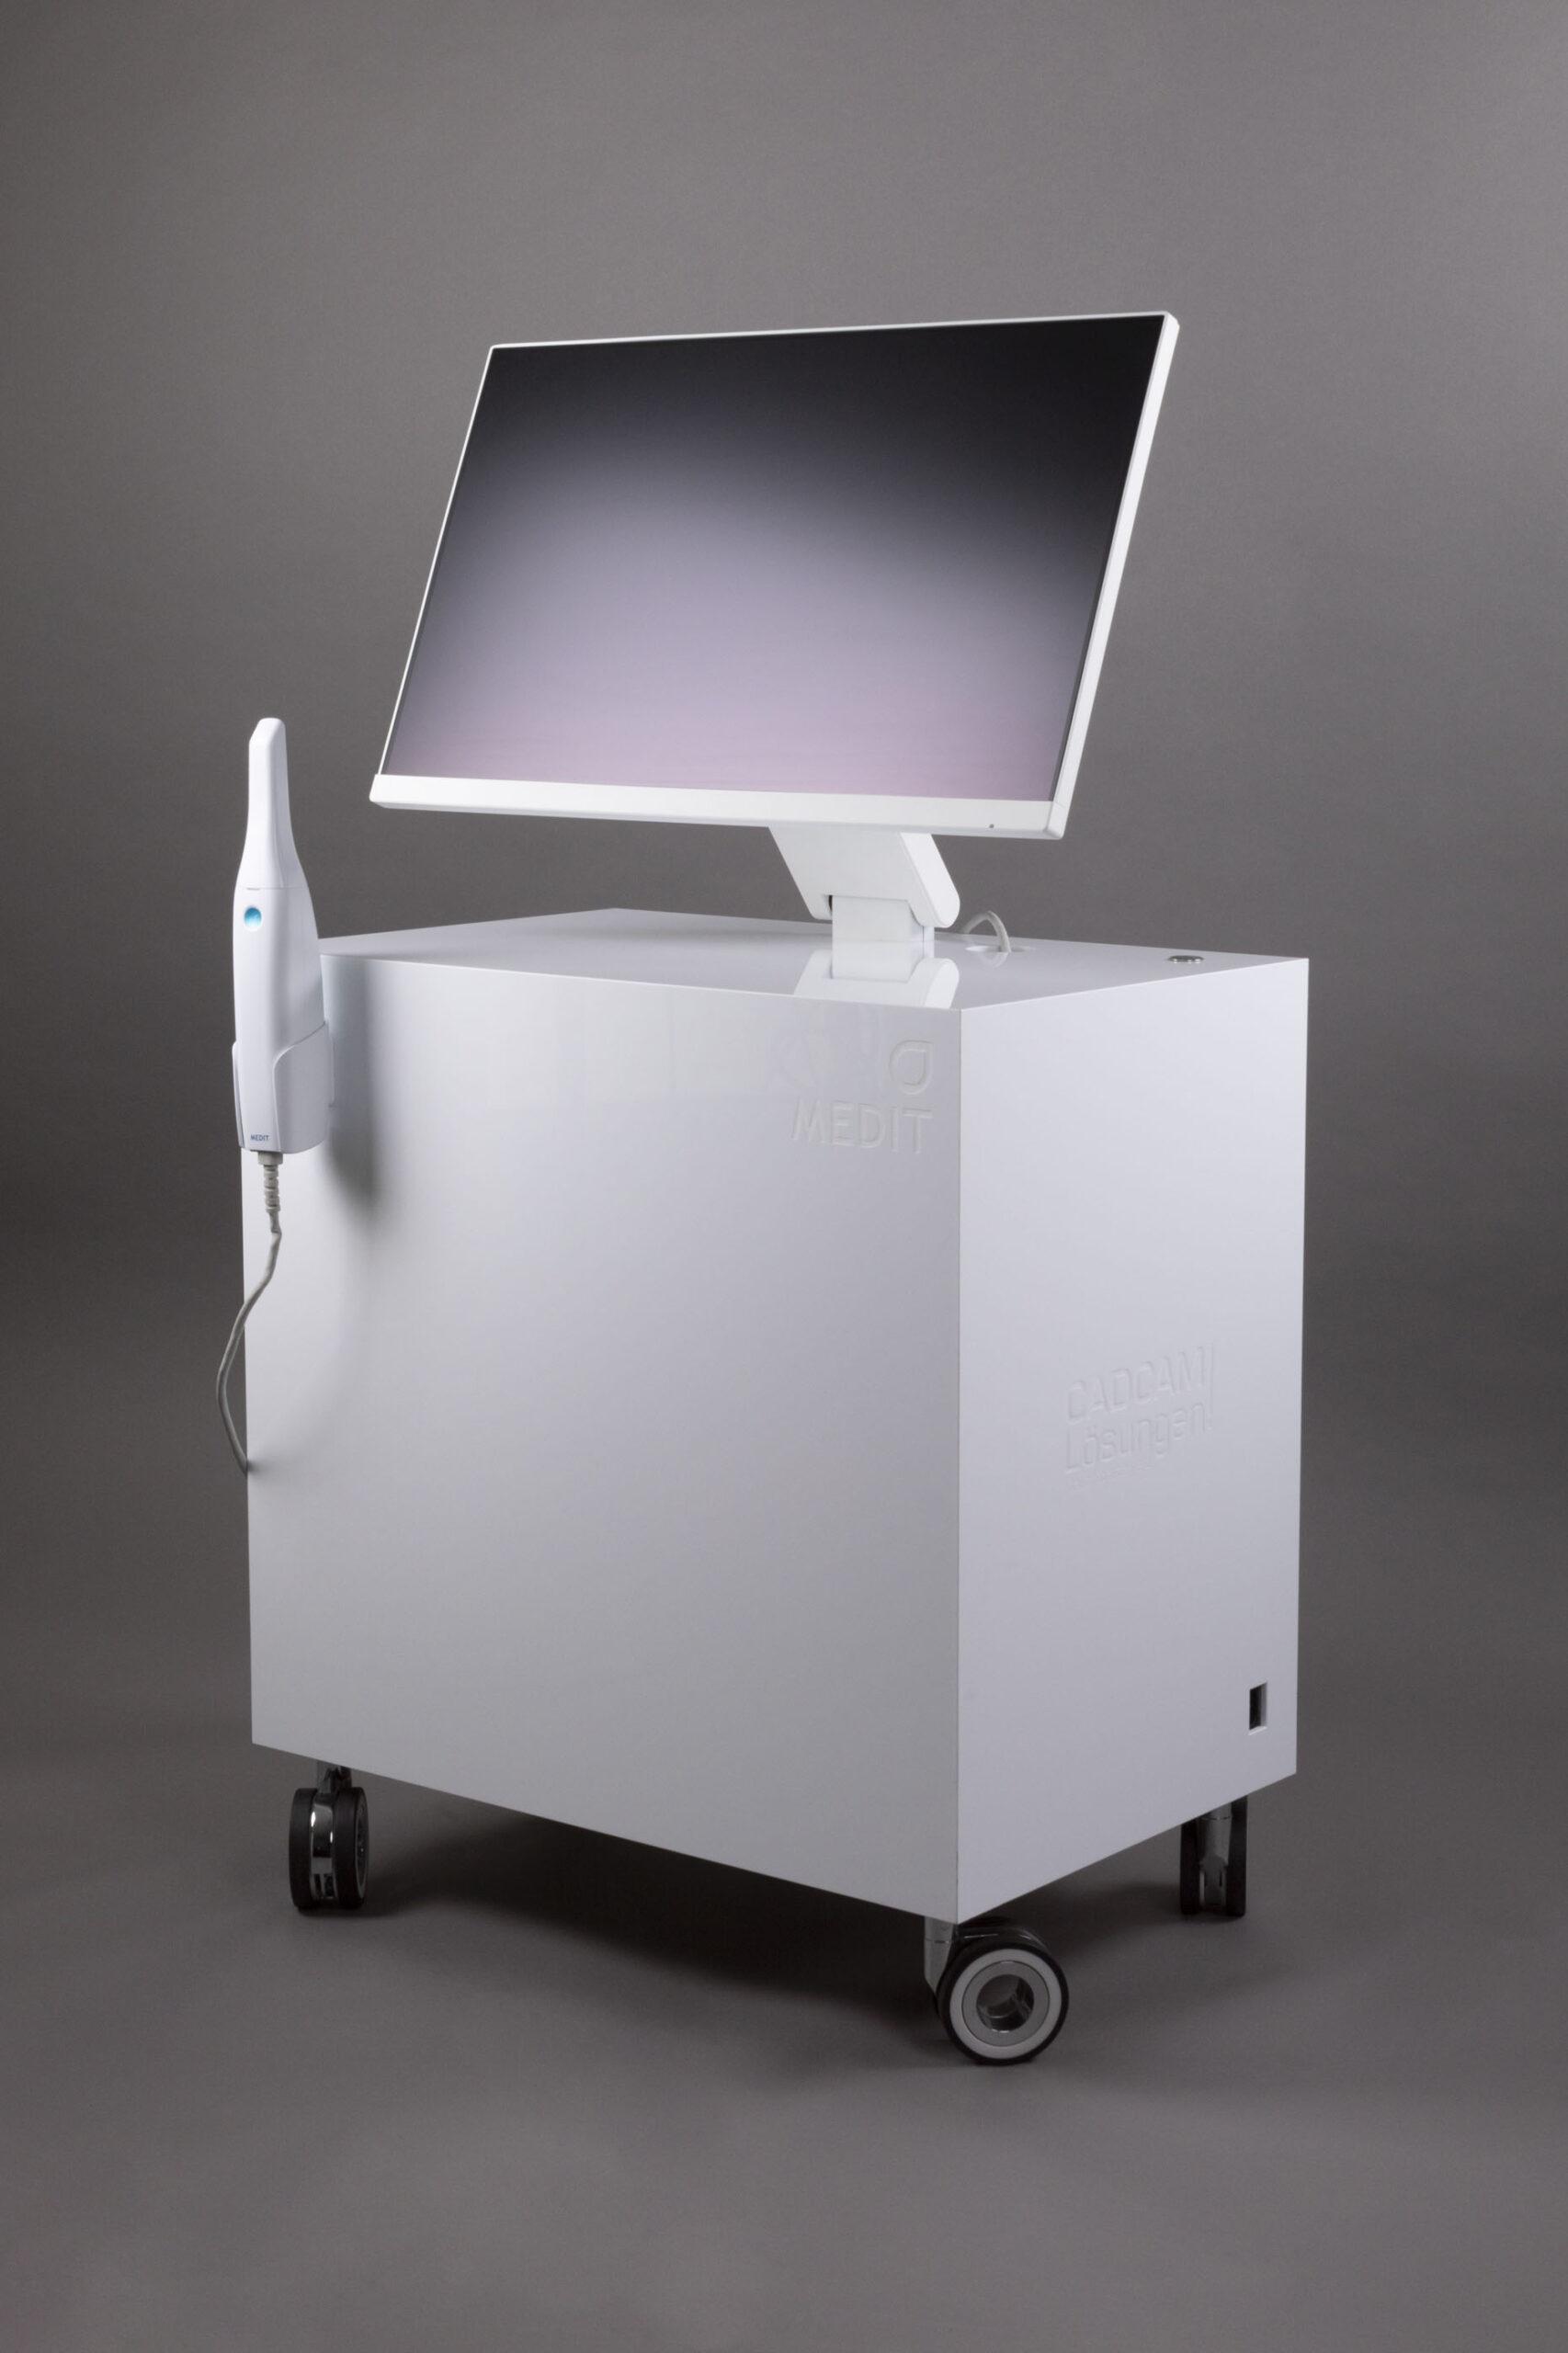 medit i500 cart variante seite intraoralscanner cadcam loesungen